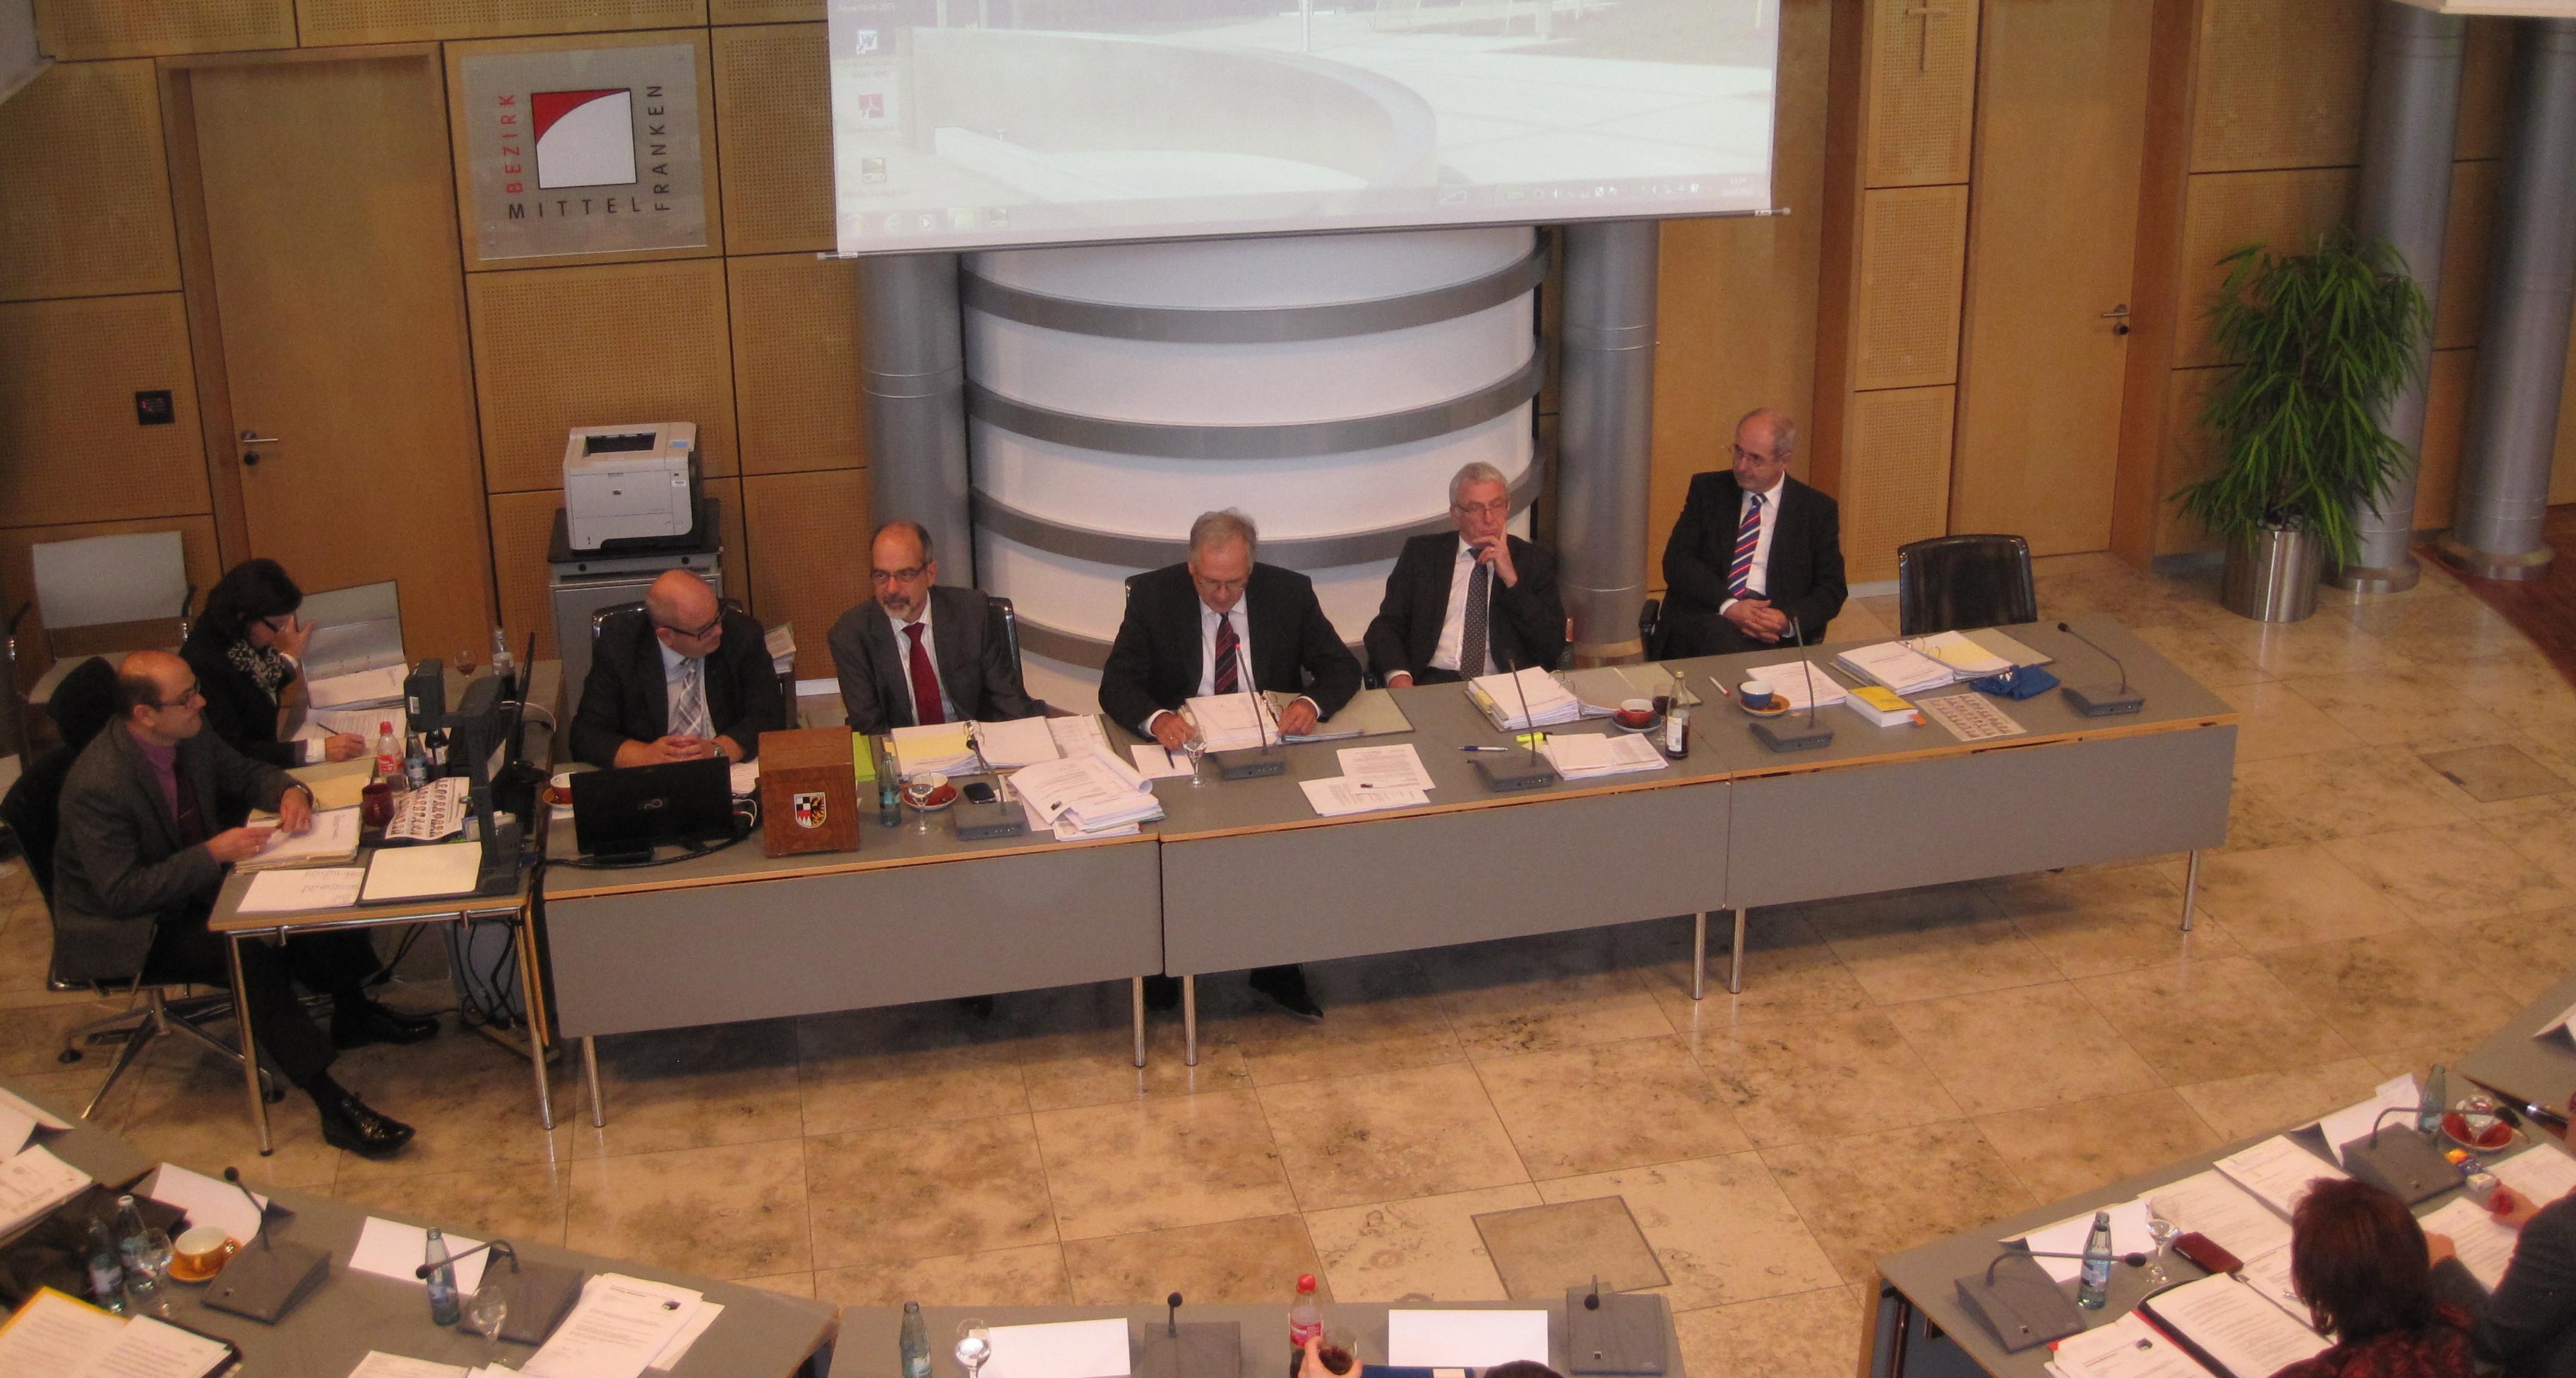 Nachdem es in der letzten Bezirkstagssitzung zu einem Eklat um Karin Knorr und die Gründung einer neuen Ausschussgemeinschaft kam, war heute die Berufung der Beauftragten und die Besetzung der weiteren Gremien und Ausschüsse auf der Tagesordnung.